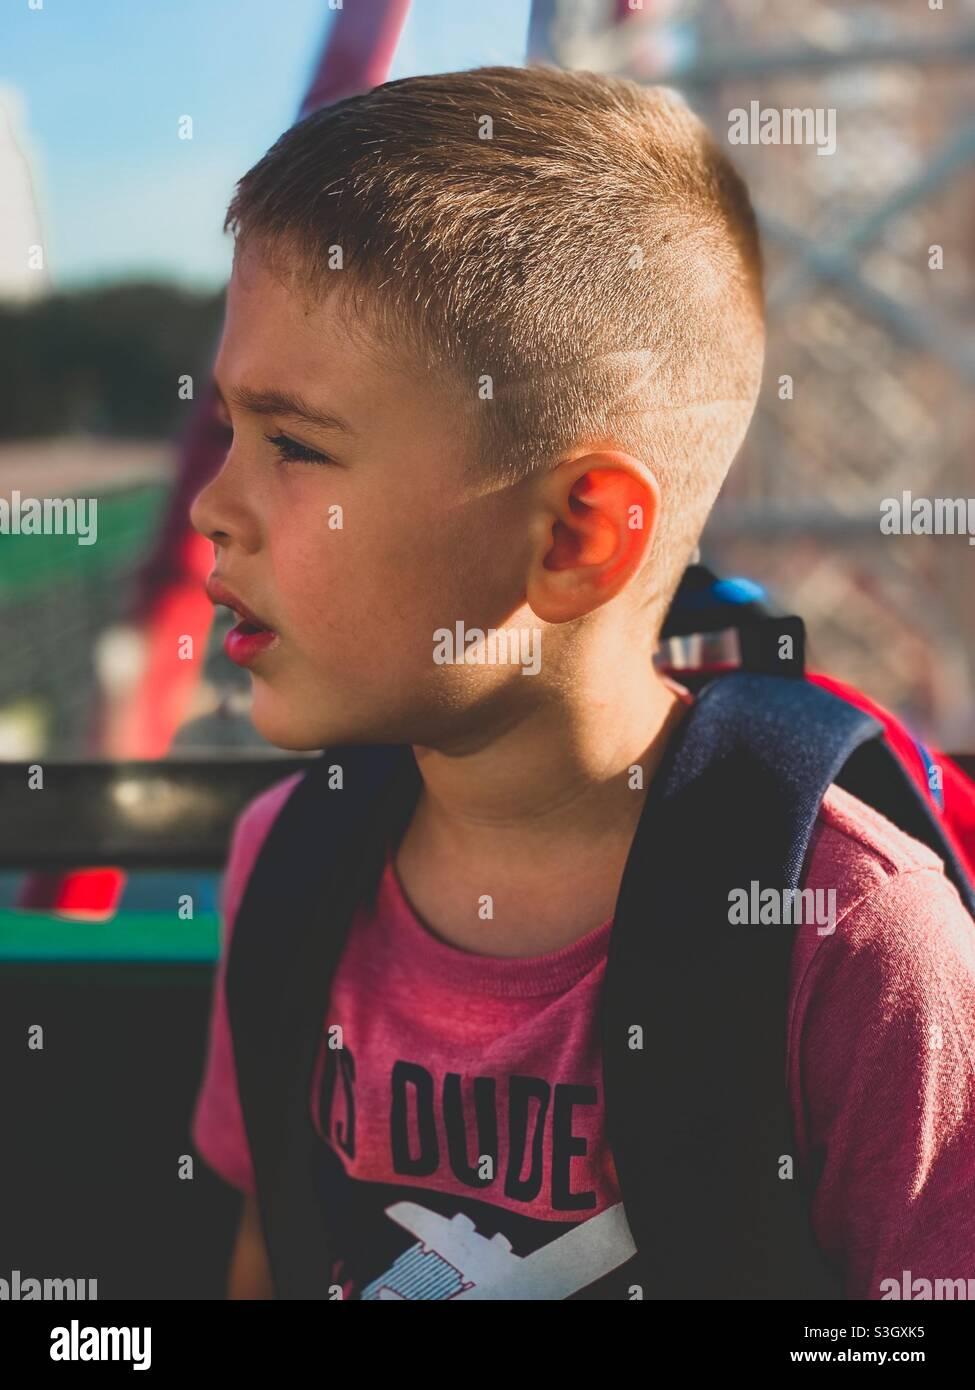 Die fünfjährige sitzt auf einem Riesenrad und schaut sich die verschiedenen Attraktionen an Stockfoto